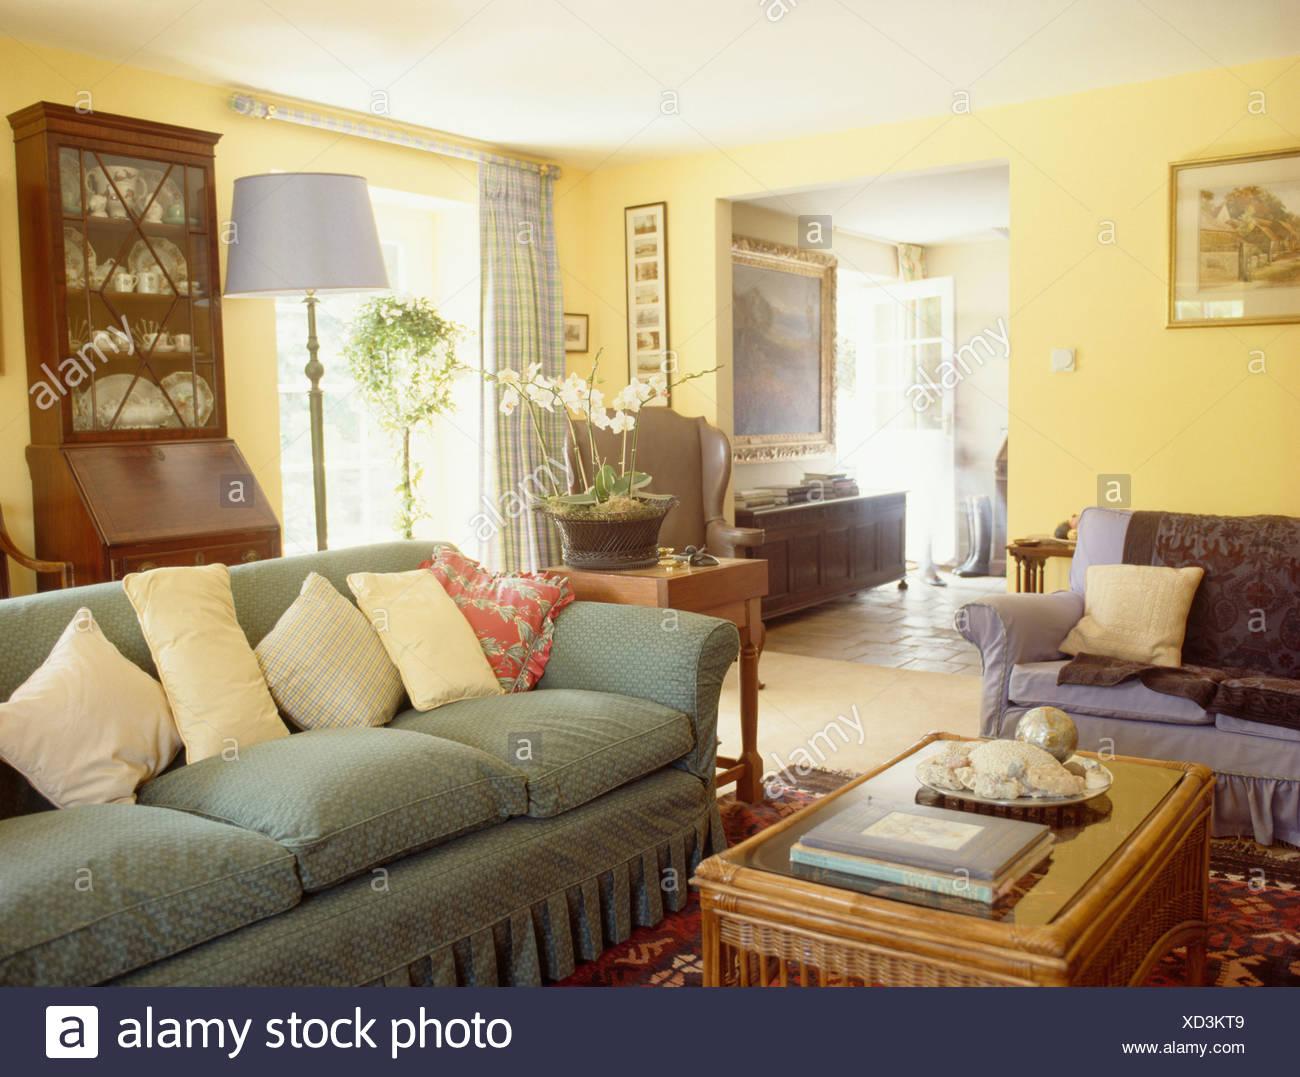 Pastelle gelbe kissen auf blasse gr ne sofa in gelb land for Tur mit scheckkarte offnen